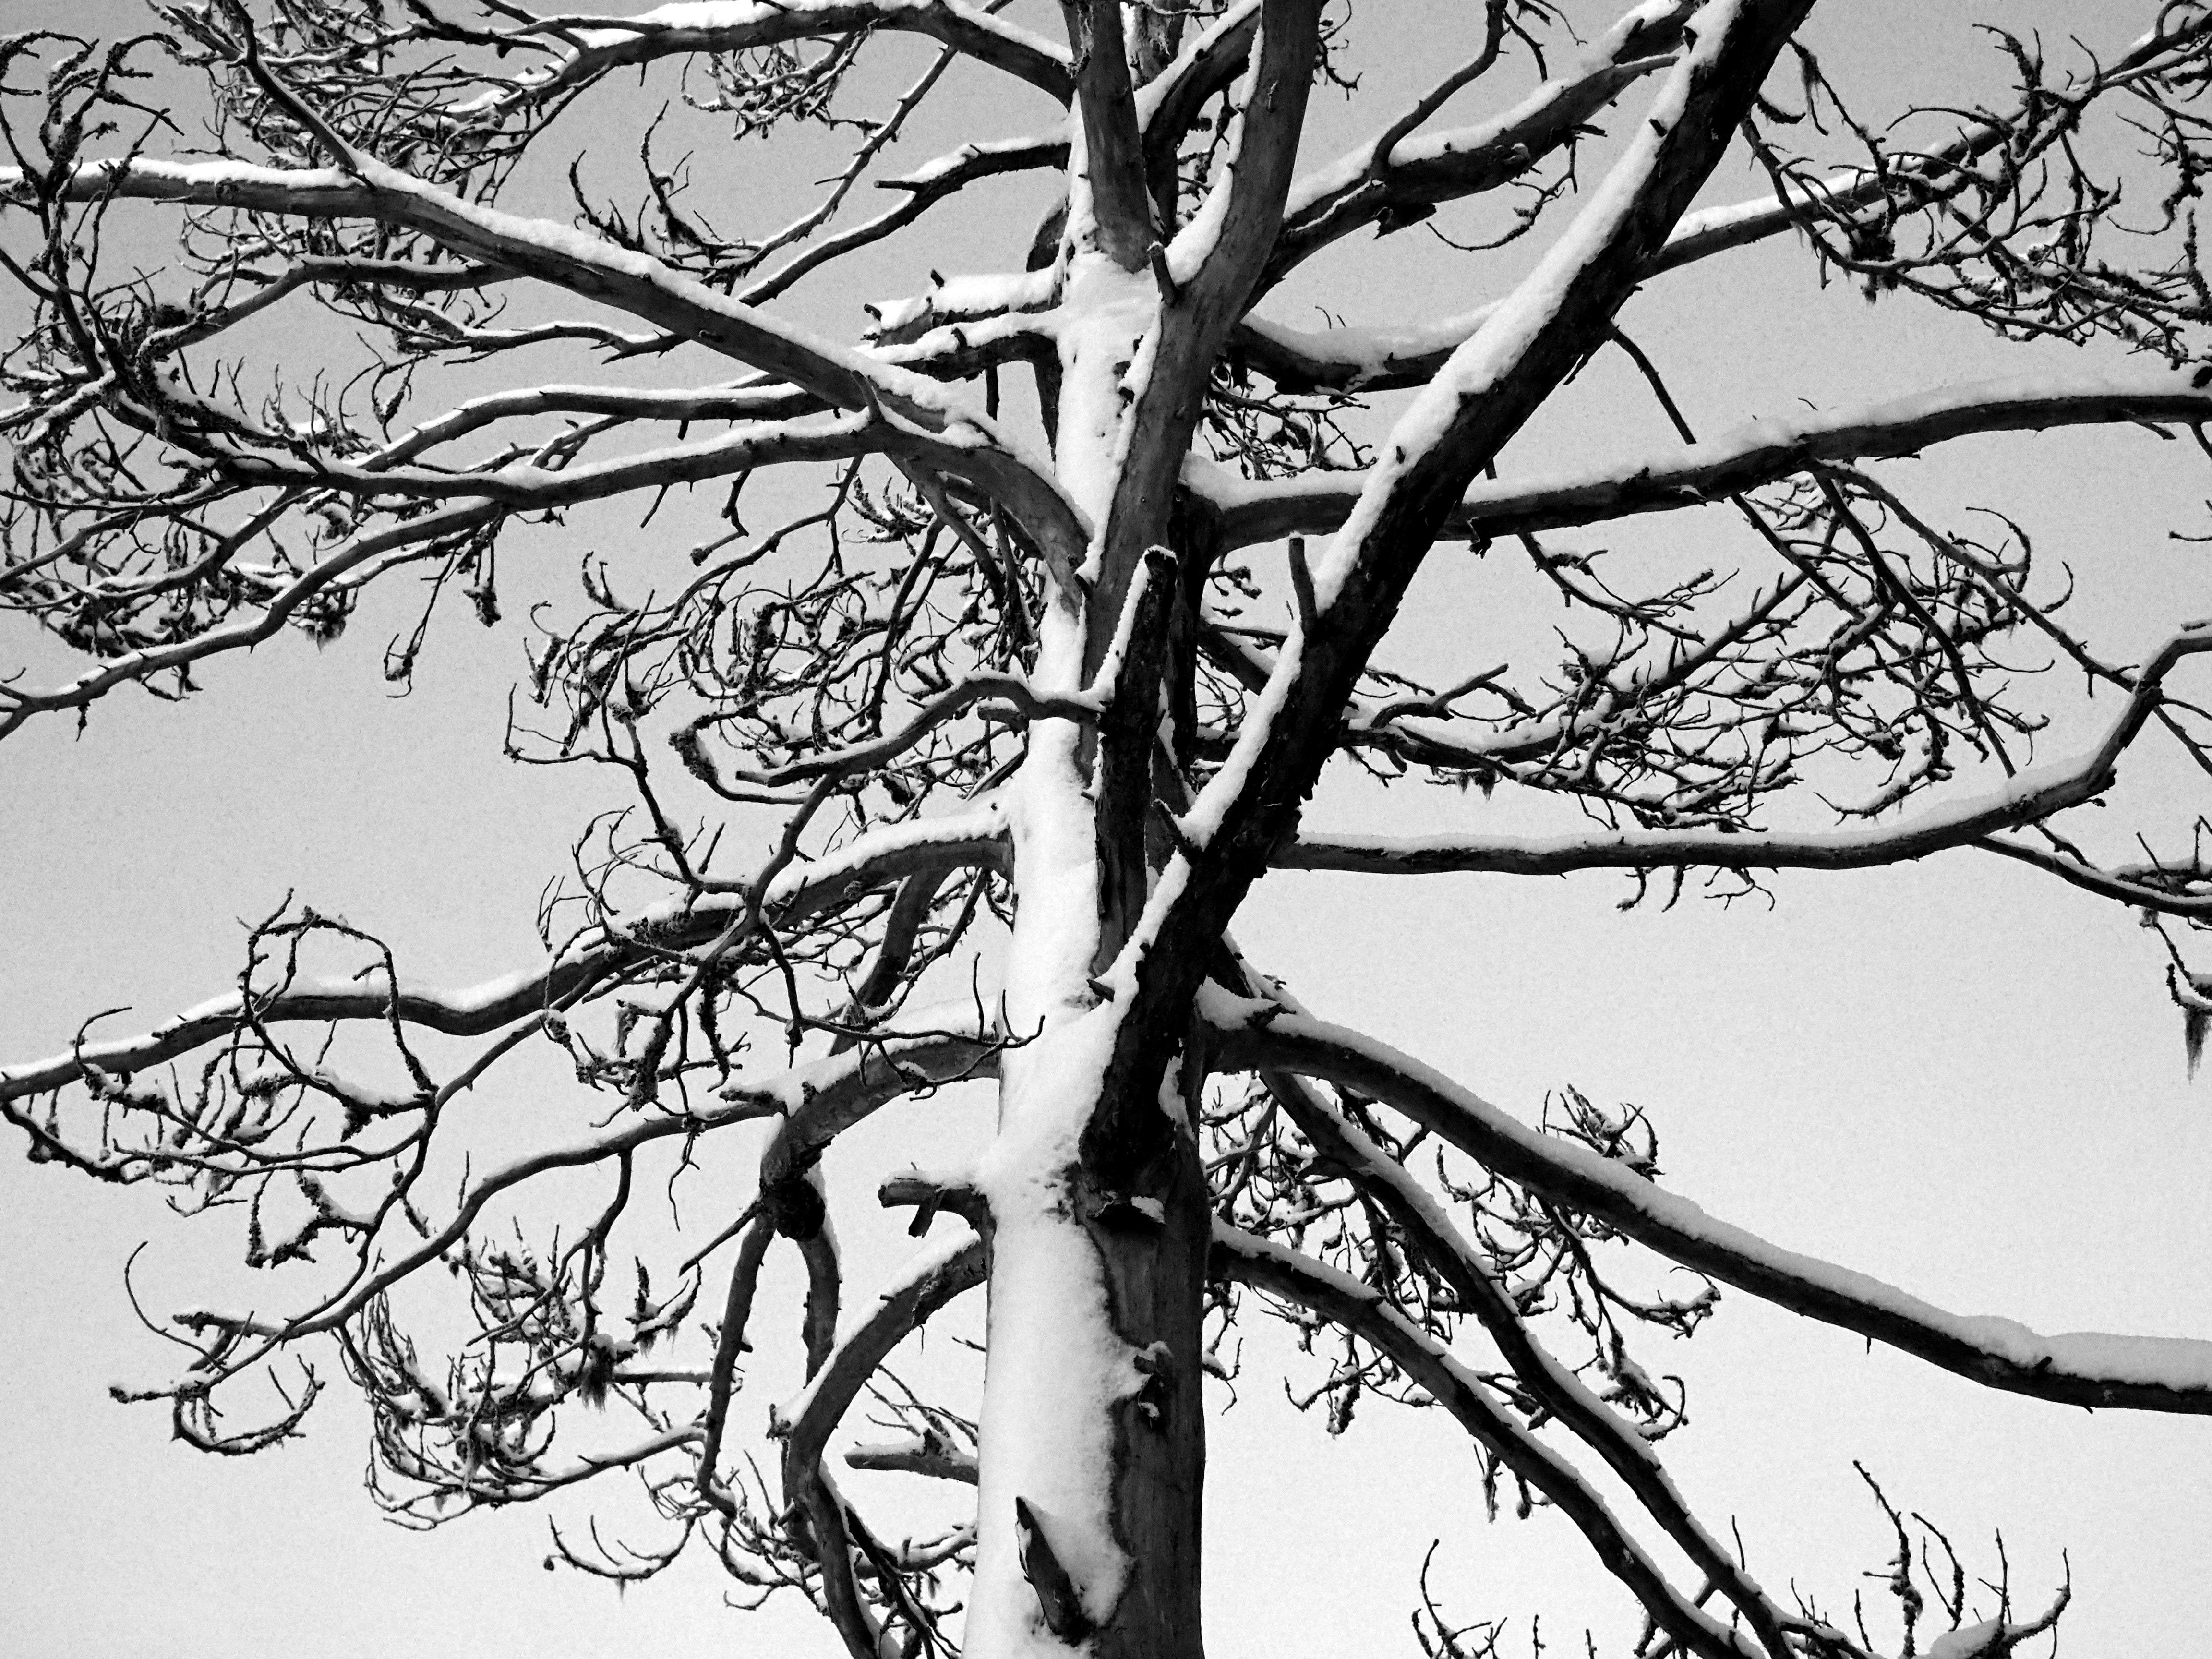 hiljaisuus puu mustavalko